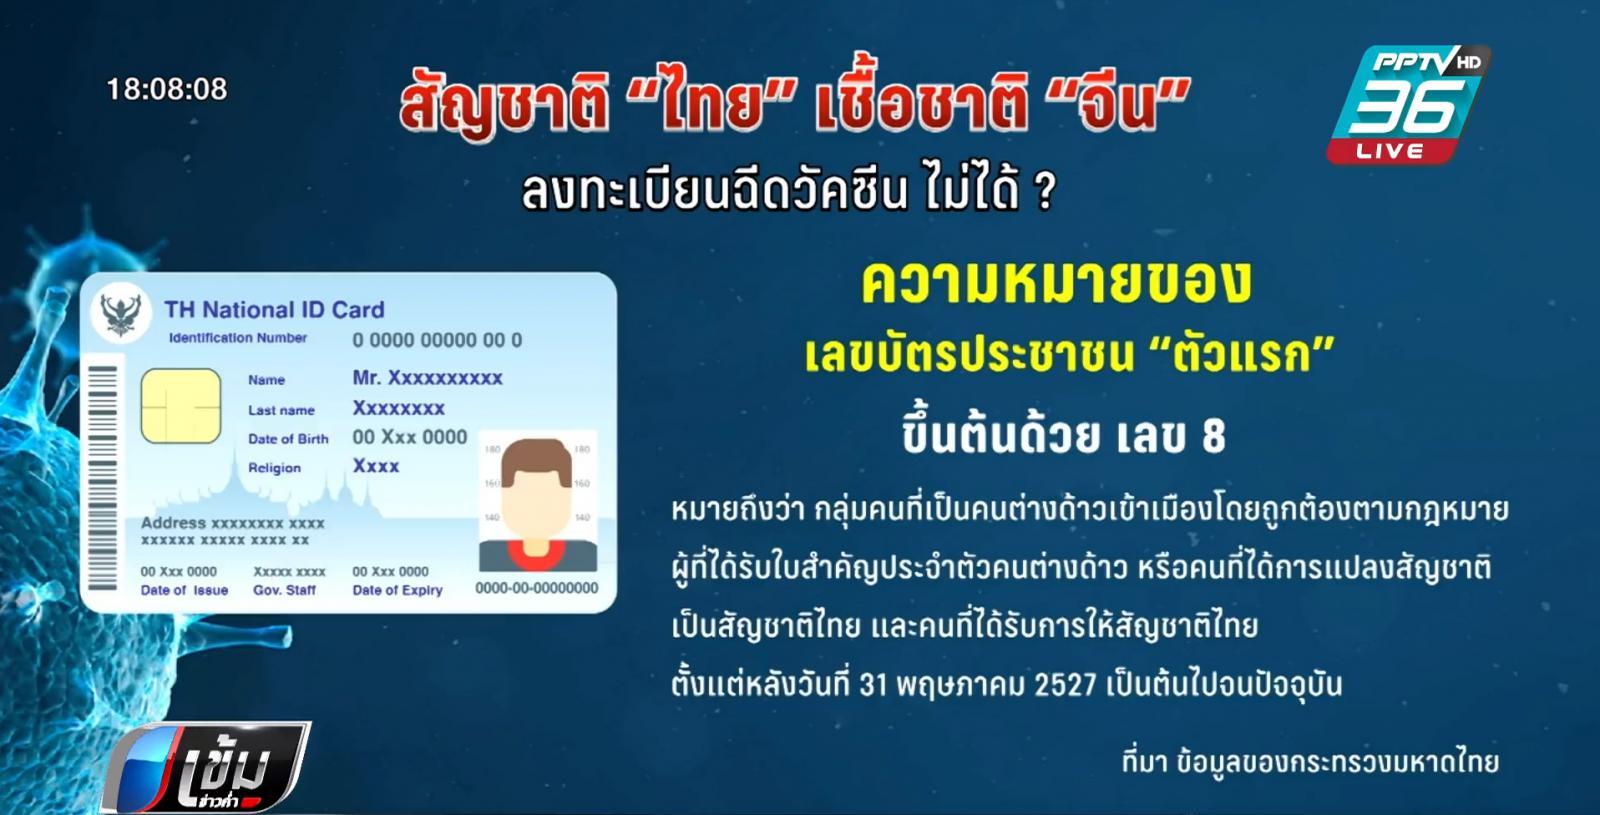 คนไทยเชื้อสายจีน ลงทะเบียนรับวัคซีนไม่ได้